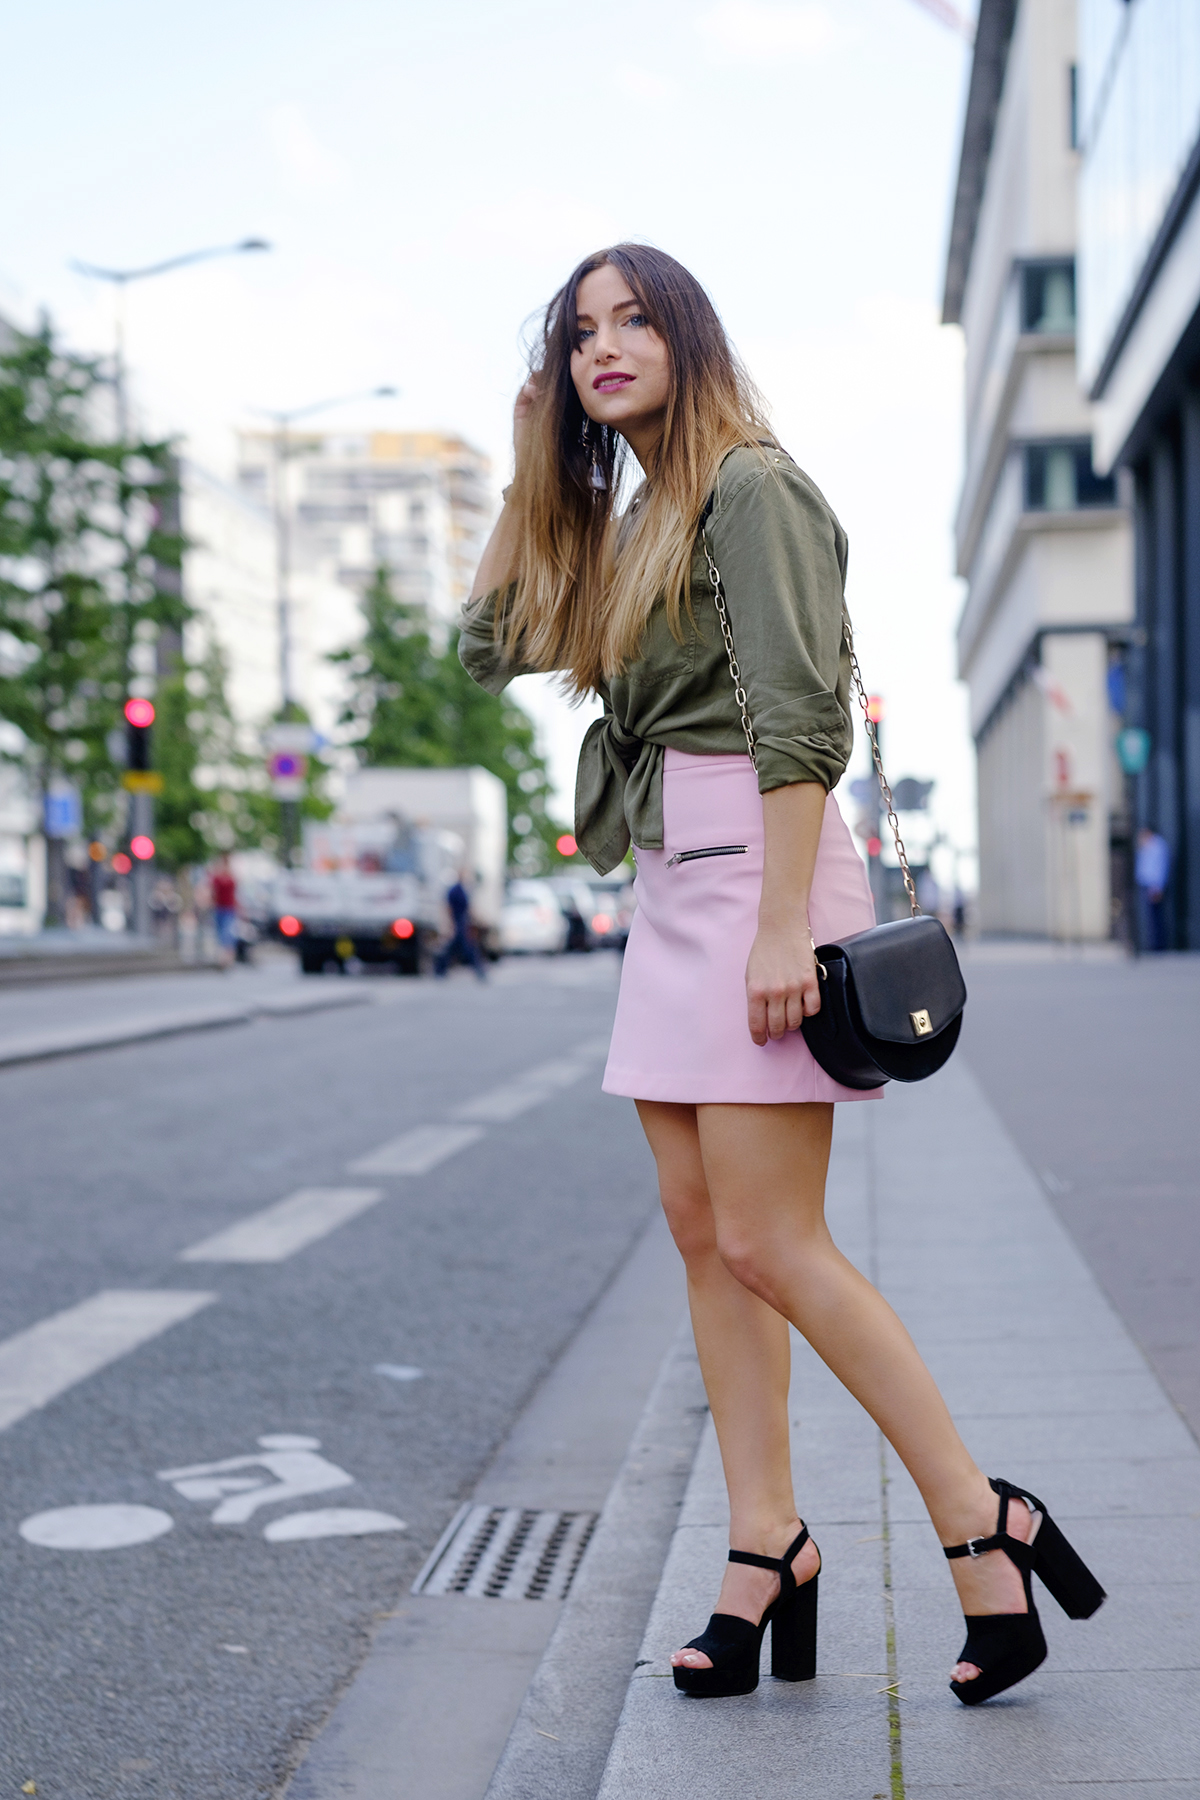 streetstyle blog mode looks soldes été 1